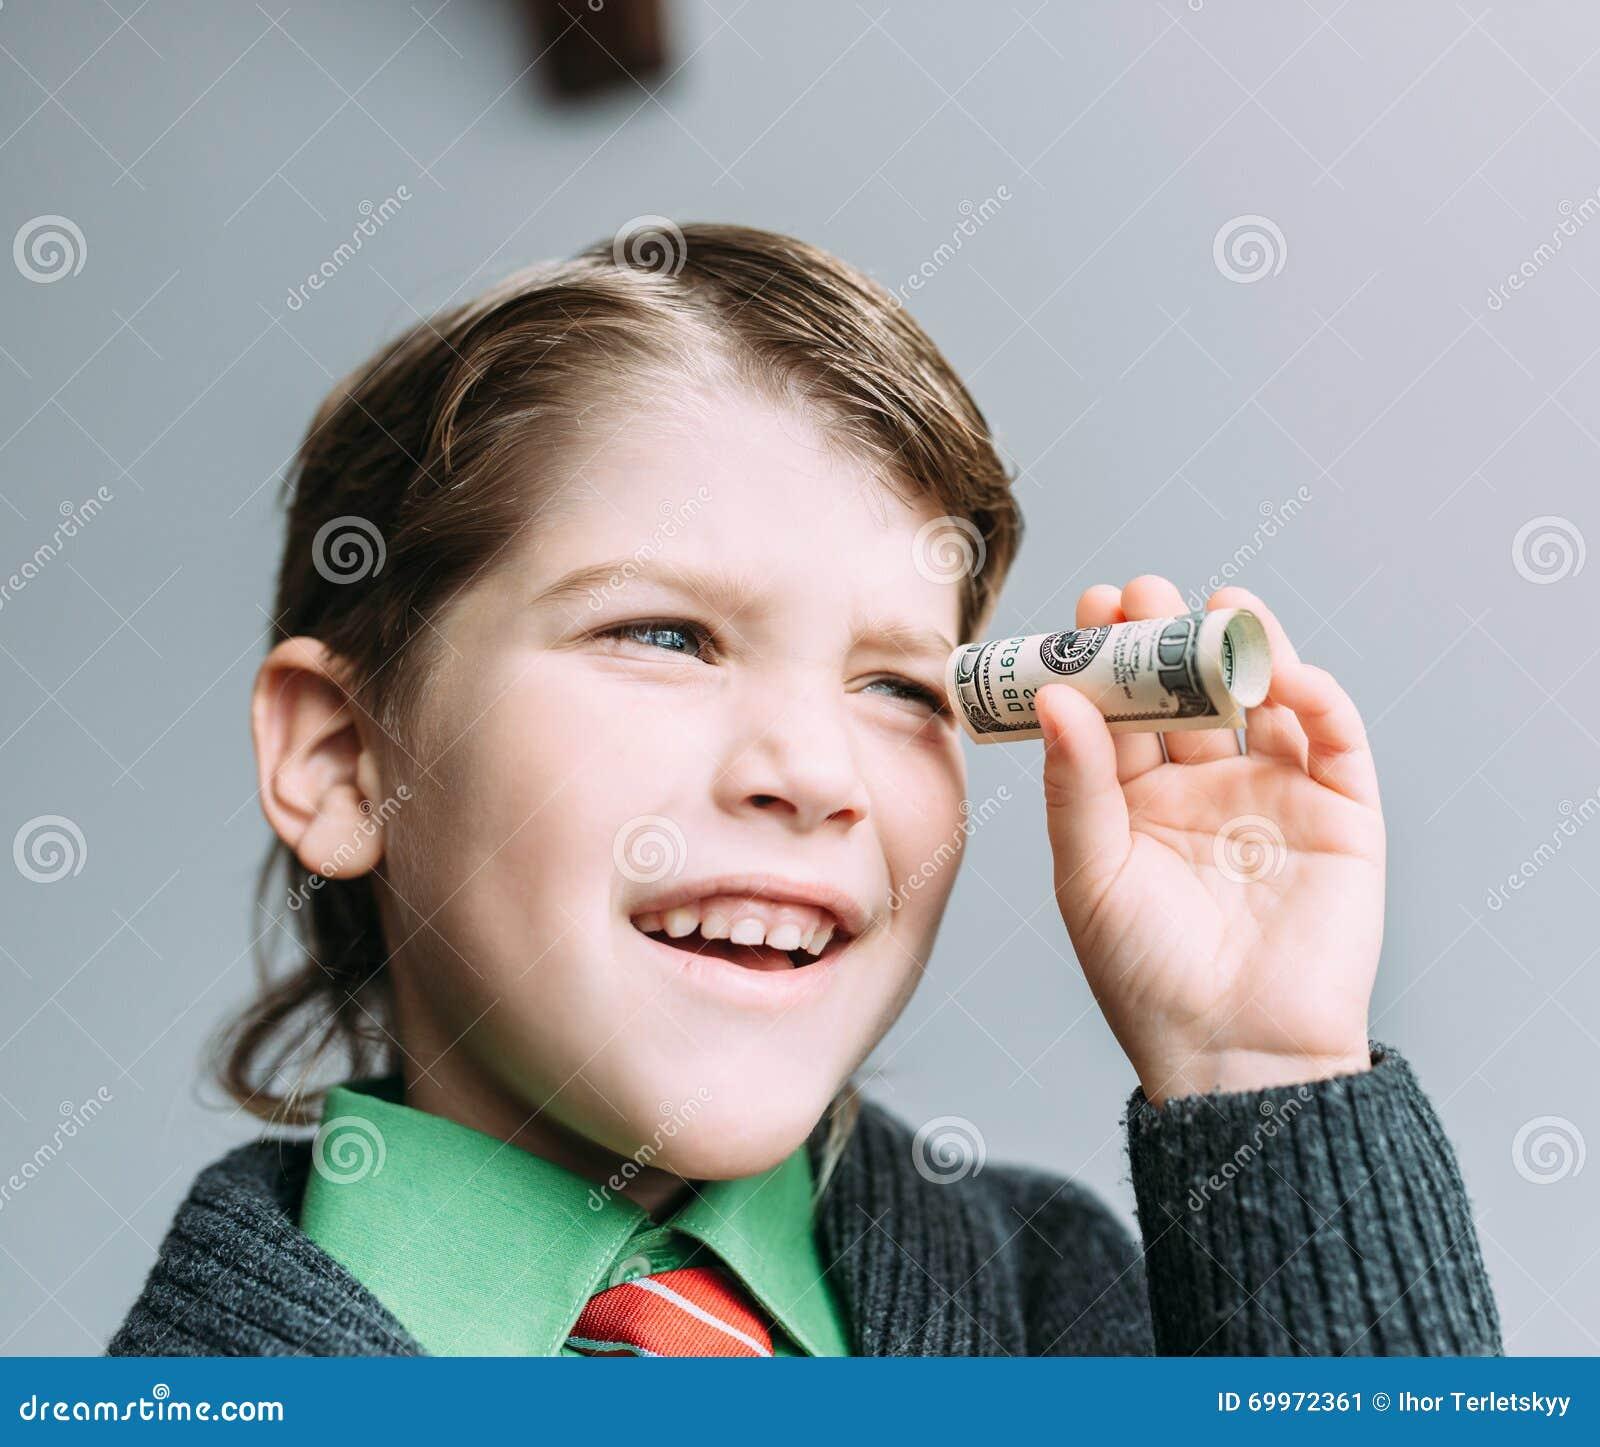 Бизнесмен мальчика смотрит через малую трубку от доллара